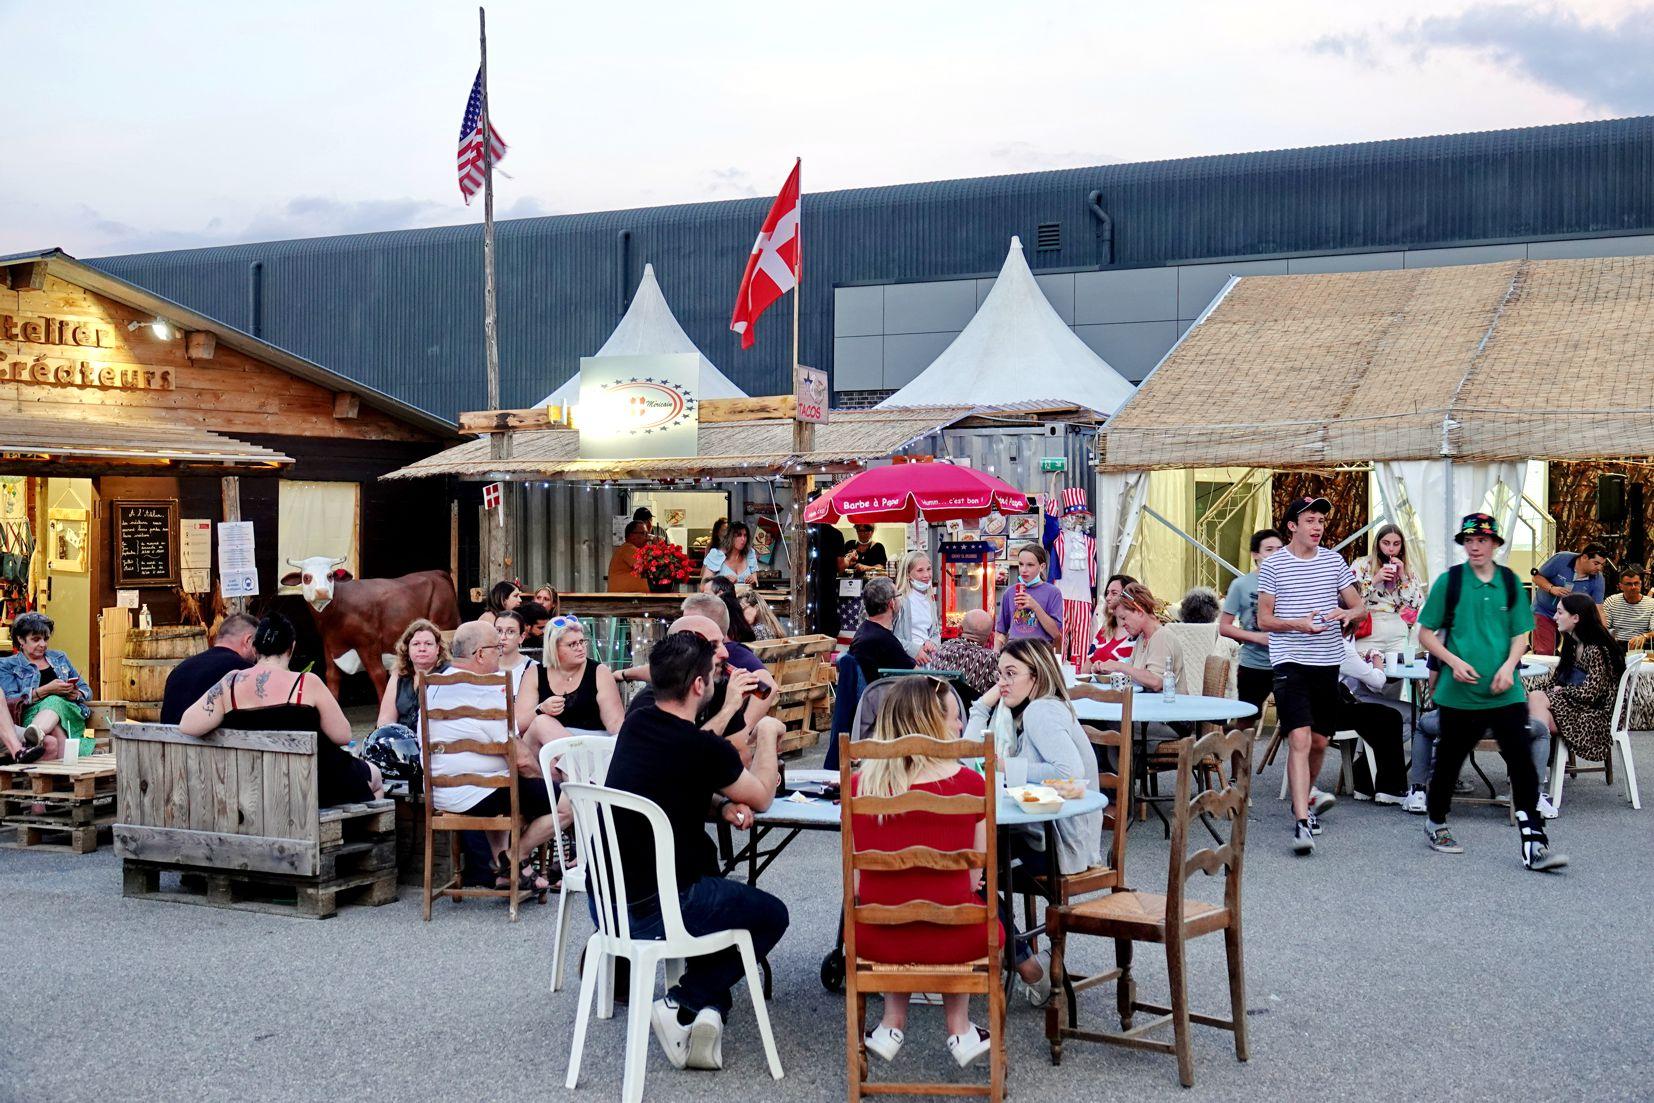 Terrasse du restaurant - ambiance à la Seiche - Sevrier